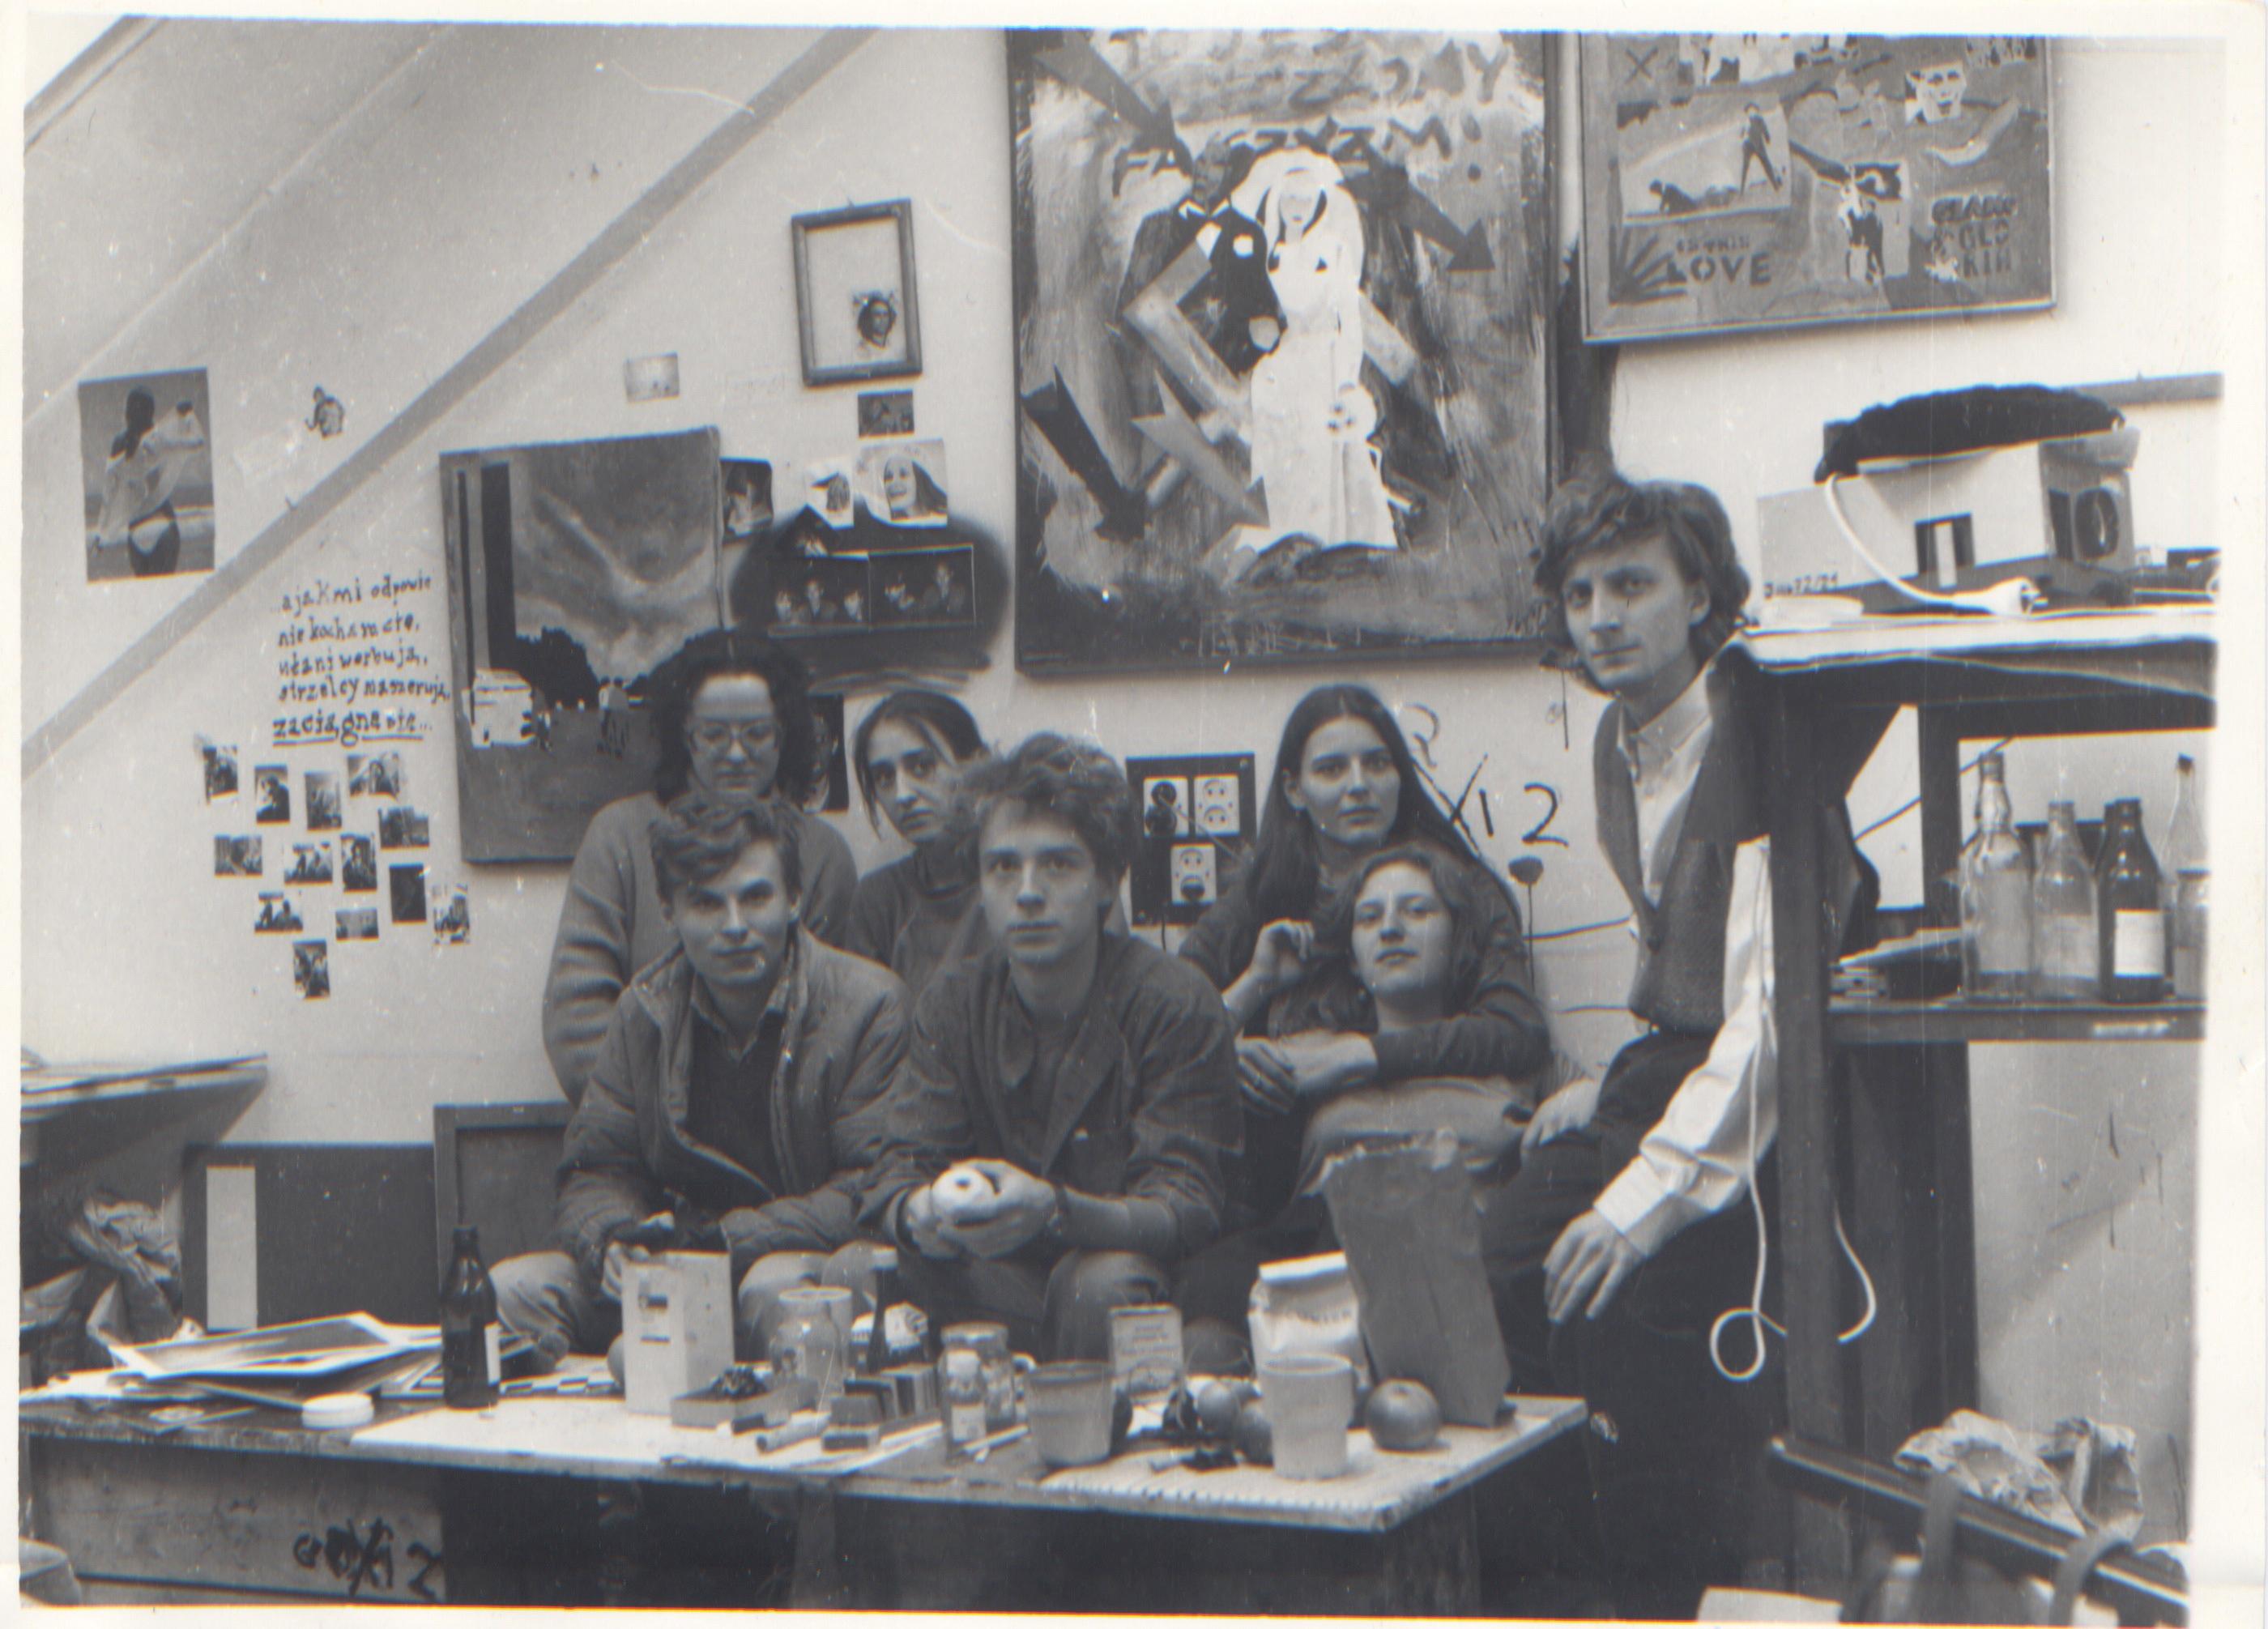 Studenci wpracowni 314, (odlewej:) Anna Bujwid, Małgorzata Mazur, Bożena Grzyb, Andrzej Dakszewicz, (poniżej:) Stanisław Sasak, Piotr Gusta, Ewa Ciepielewska, 1983